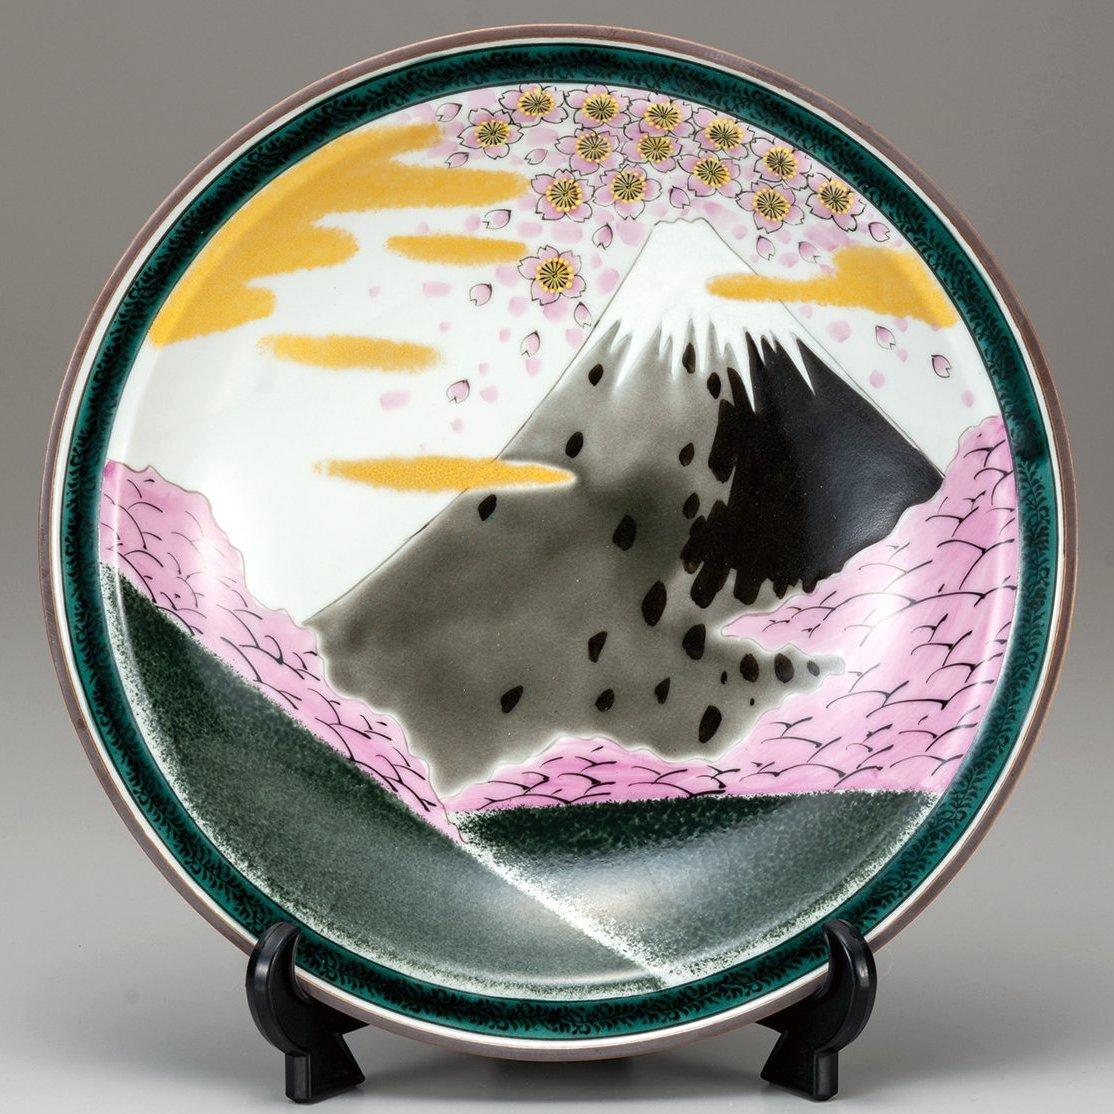 九谷焼ギフト ご贈答品 御祝い九谷焼10号飾皿 桜富士(皿立付)